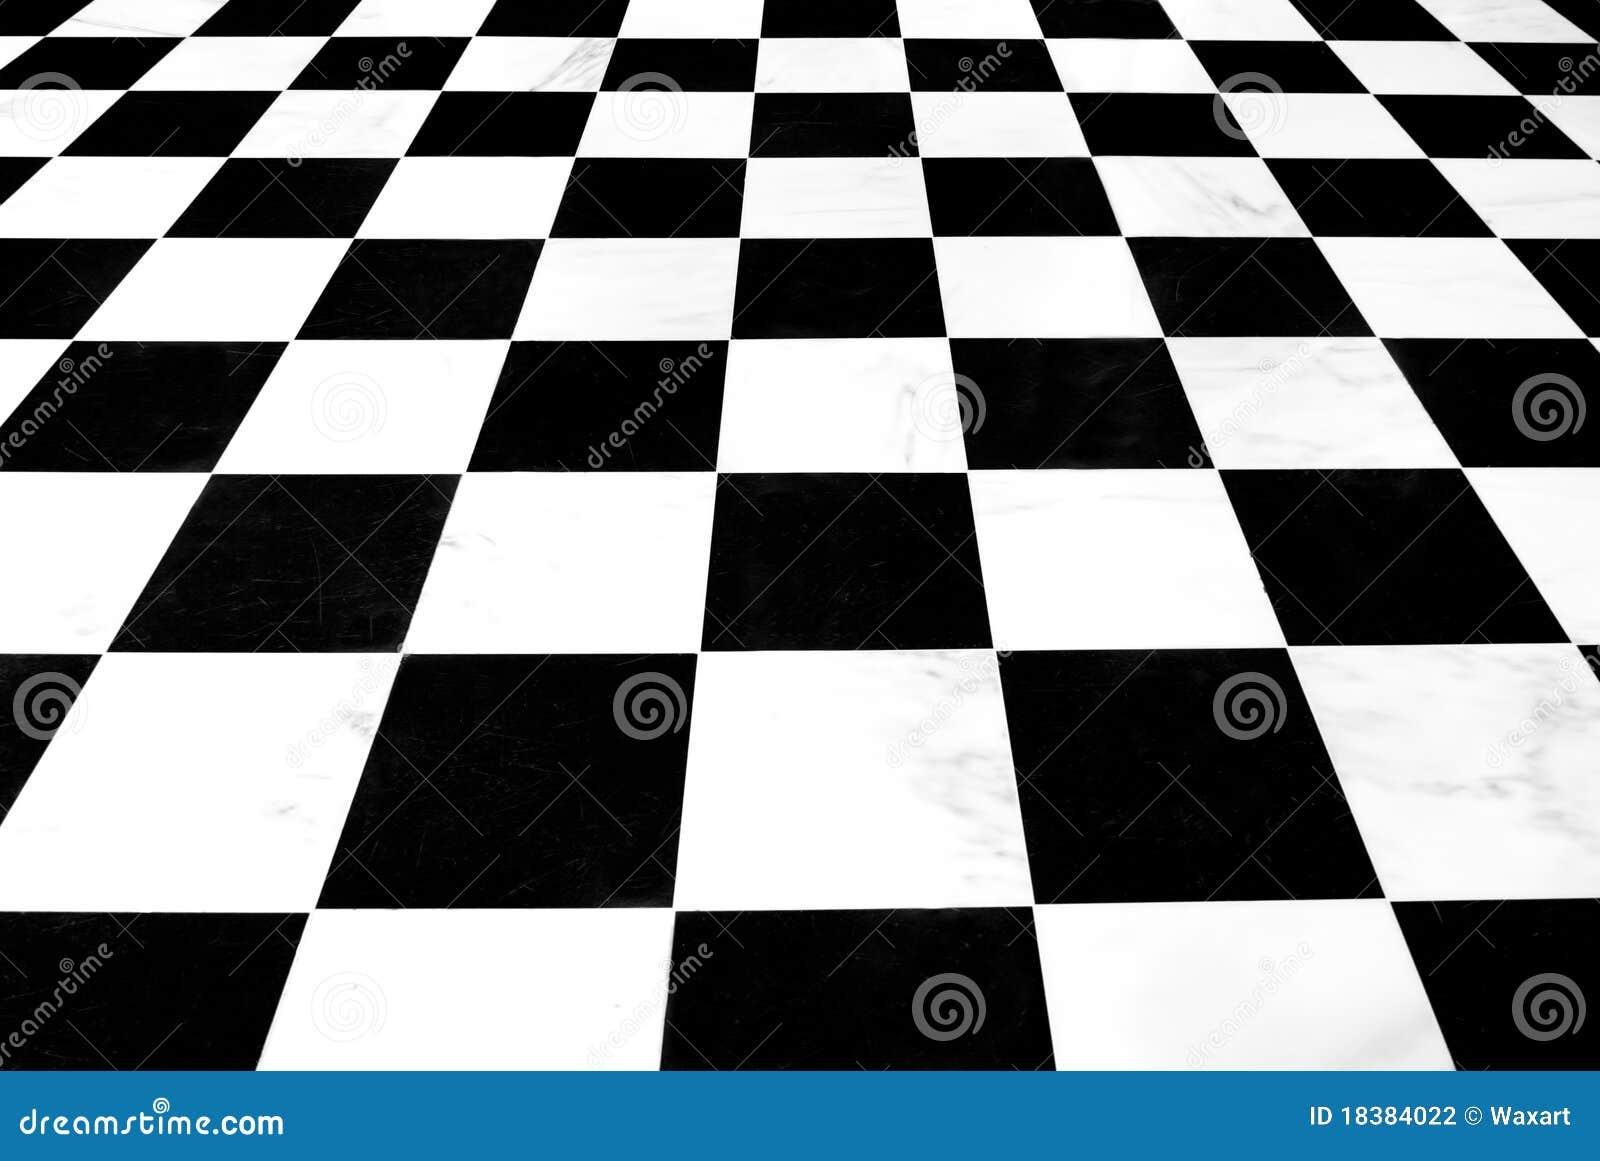 Suelo checkered blanco y negro fotograf a de archivo for Suelo 3d blanco